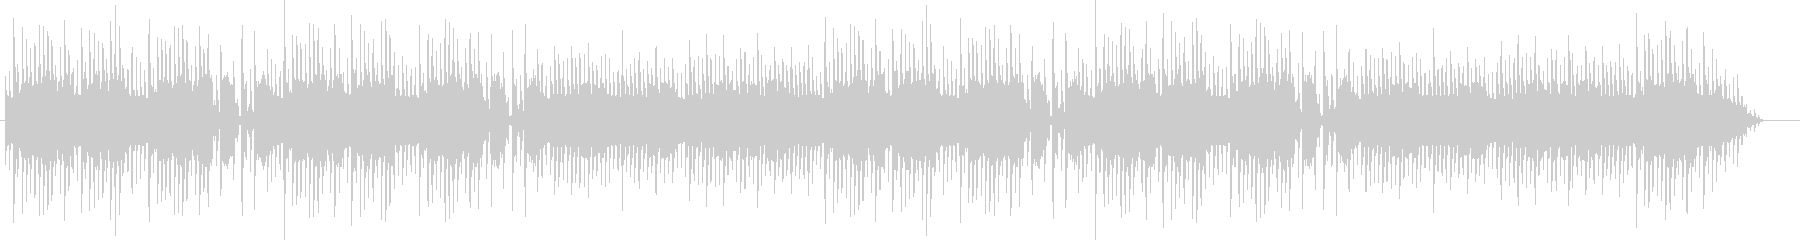 ファミコンゲーム風のブギウギ調ループの未再生の波形